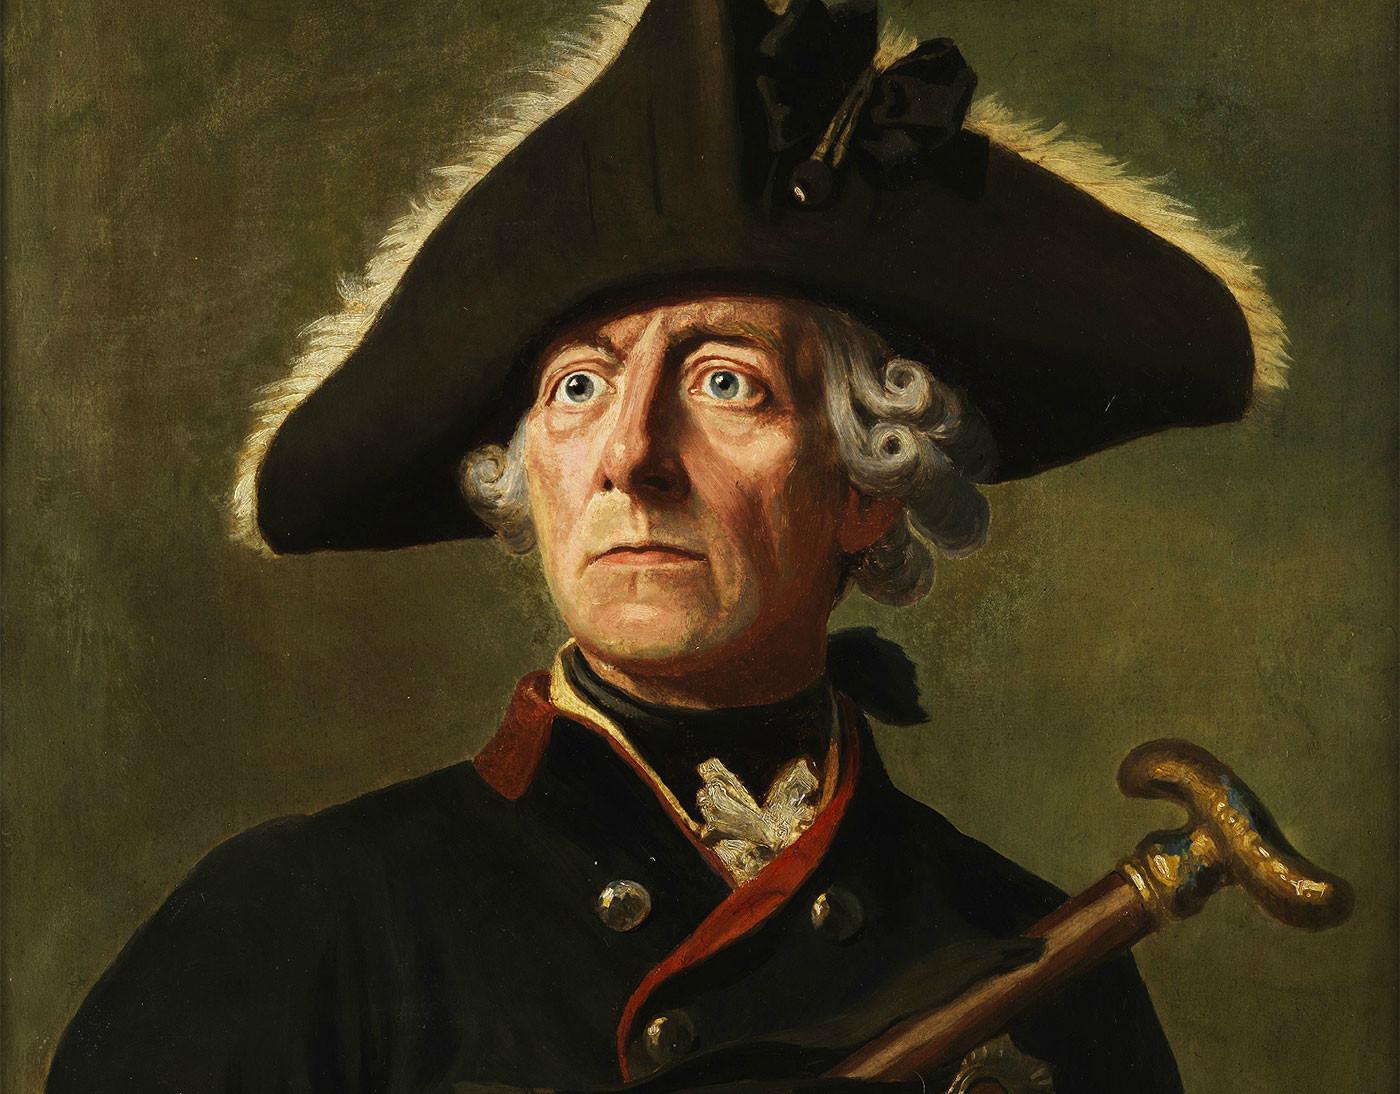 Фридрих Великий (король Пруссии). Фото: © Википедия